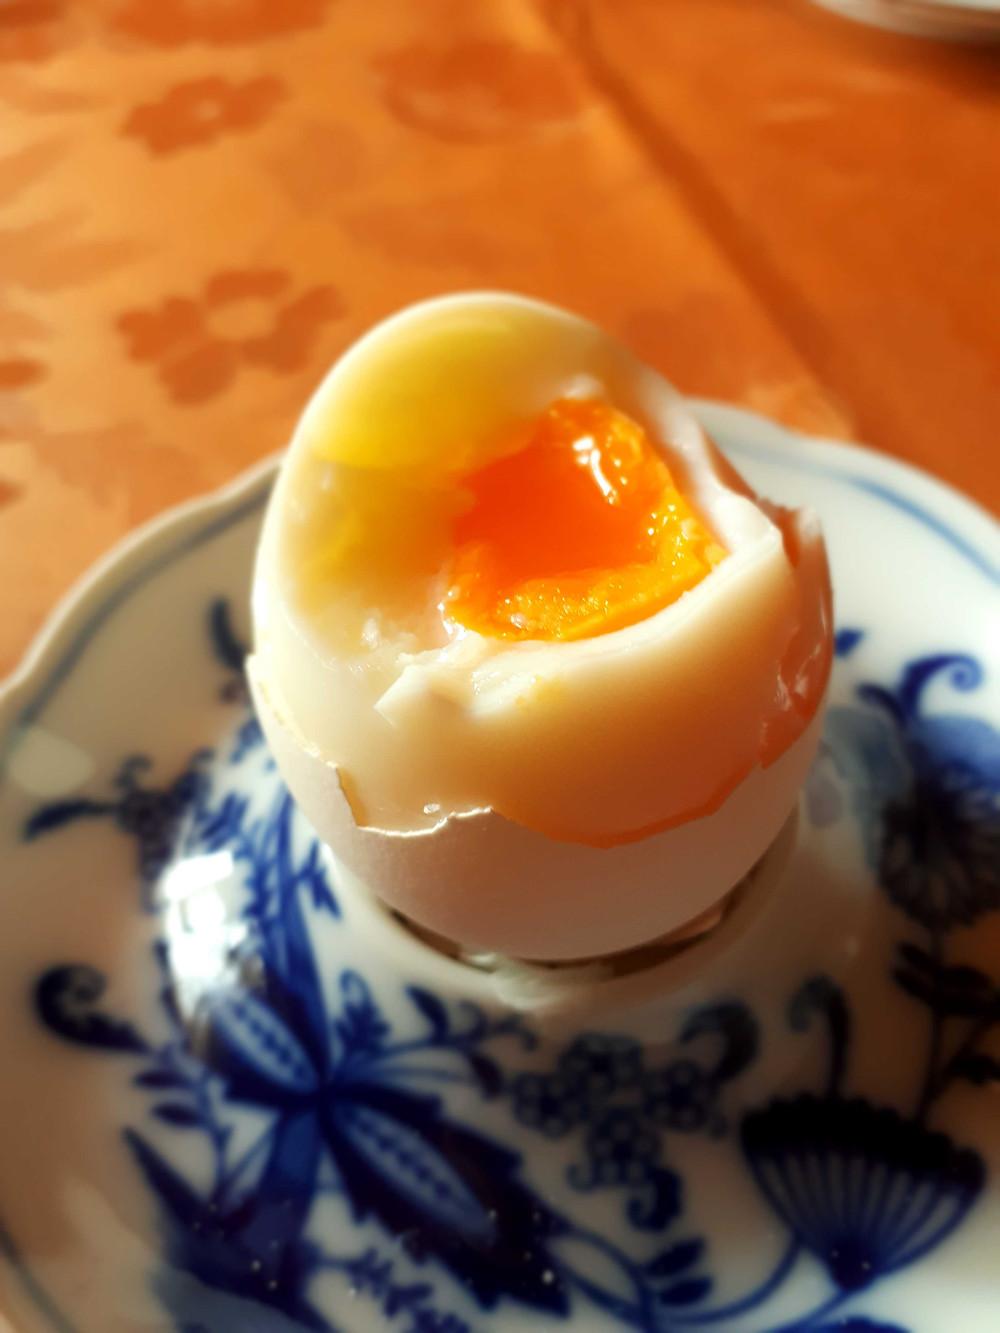 Bild 7: Das Ei ist weich gekocht